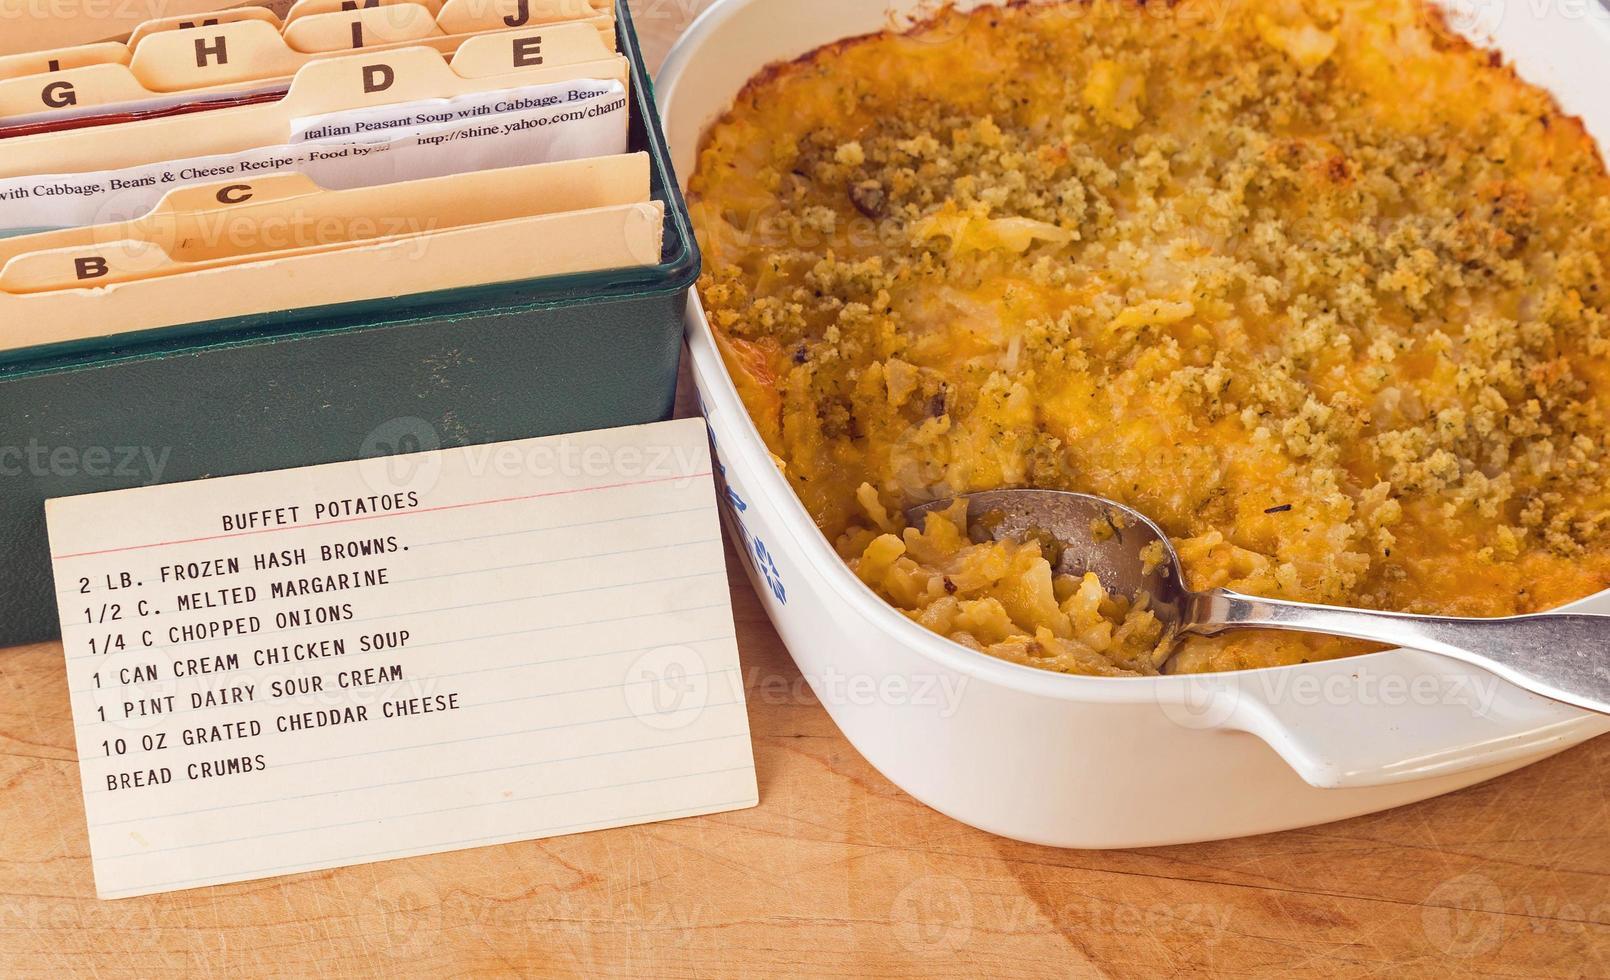 Ricetta casseruola di patate a buffet foto